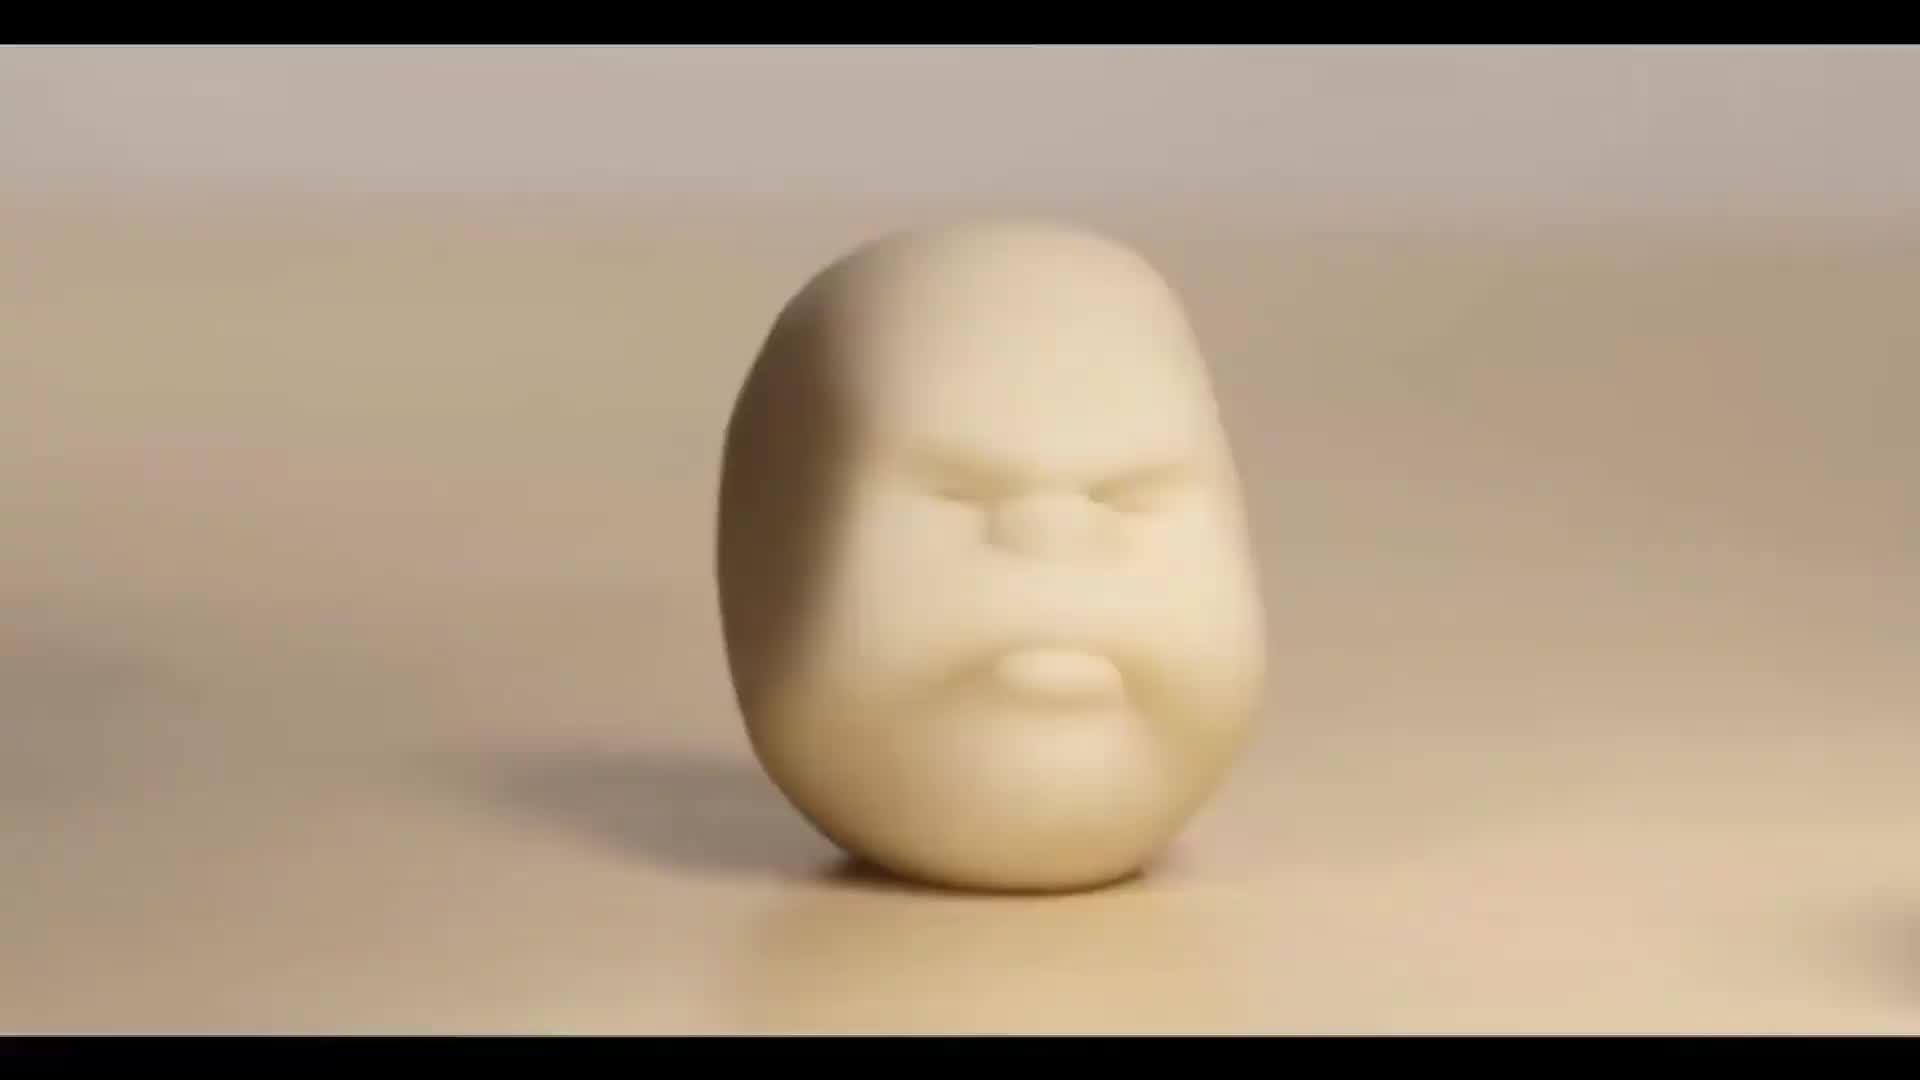 Drôle Personnalisé Caomaru Balle Anti-Stress caomaru visages squelette balle anti-stress marron balle anti-stress